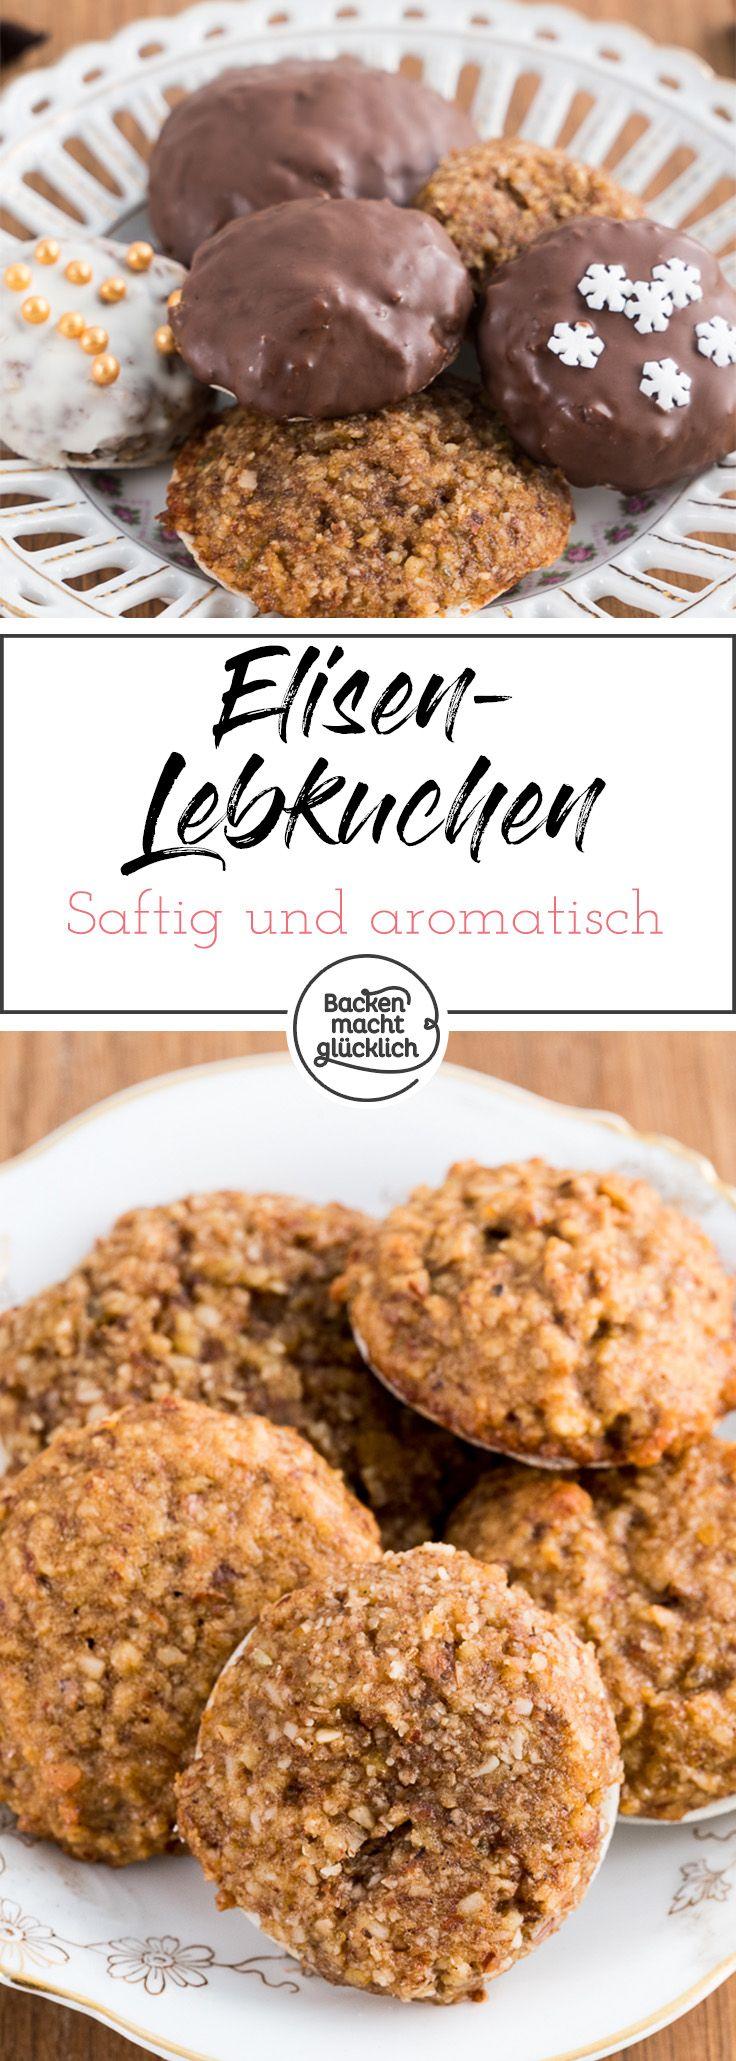 Elisenlebkuchen sind ein Klassiker unter den Plätzchen. Die Lebkuchen sind aromatisch und saftig. Mit diesem Rezept für Elisenlebkuchen ohne Mehl, kann man sie ganz einfach selber machen.